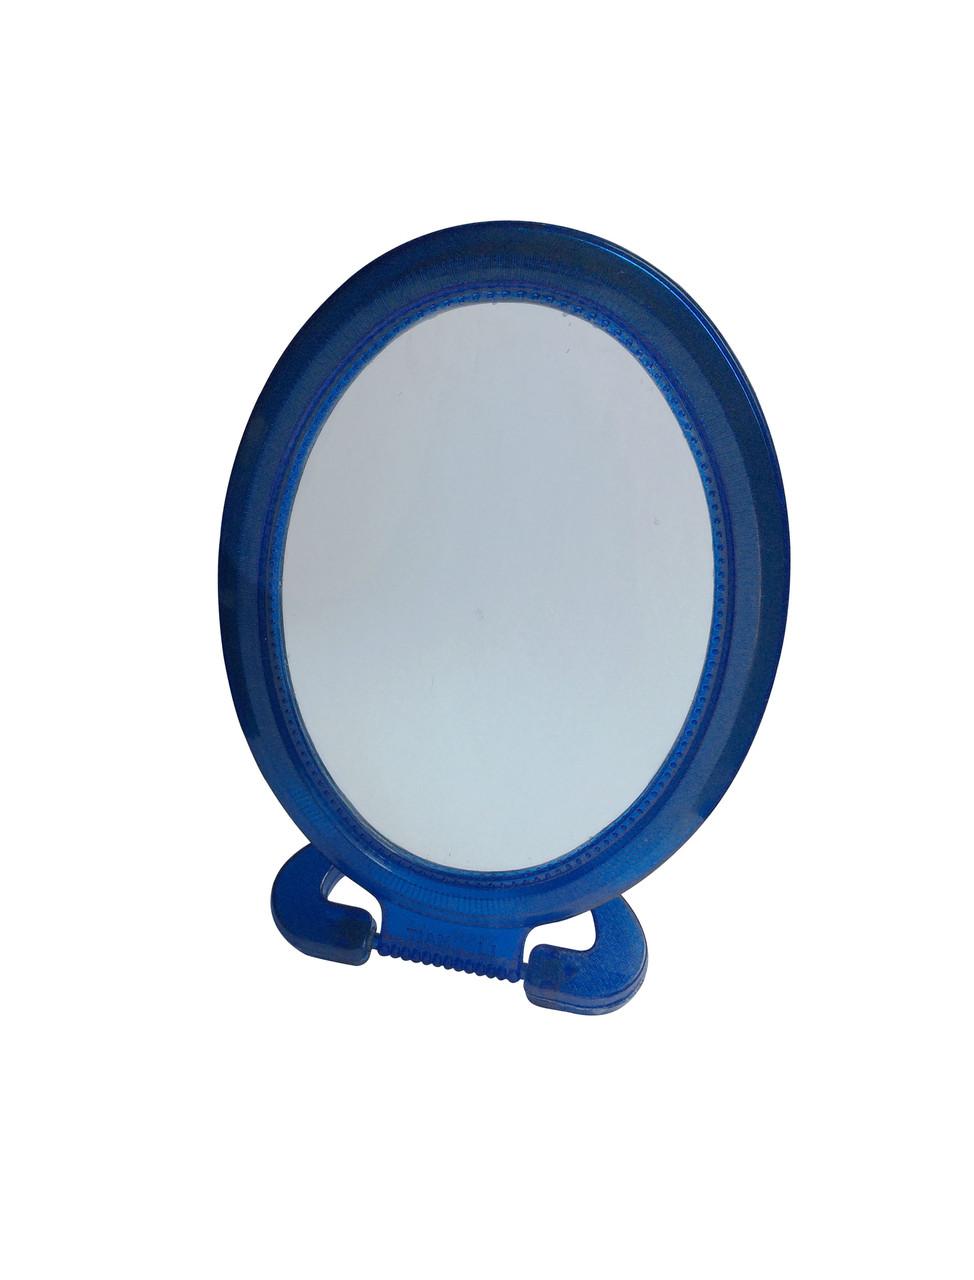 Зеркало косметическое овальное одностороннее малое на фигурной подставке 165мм